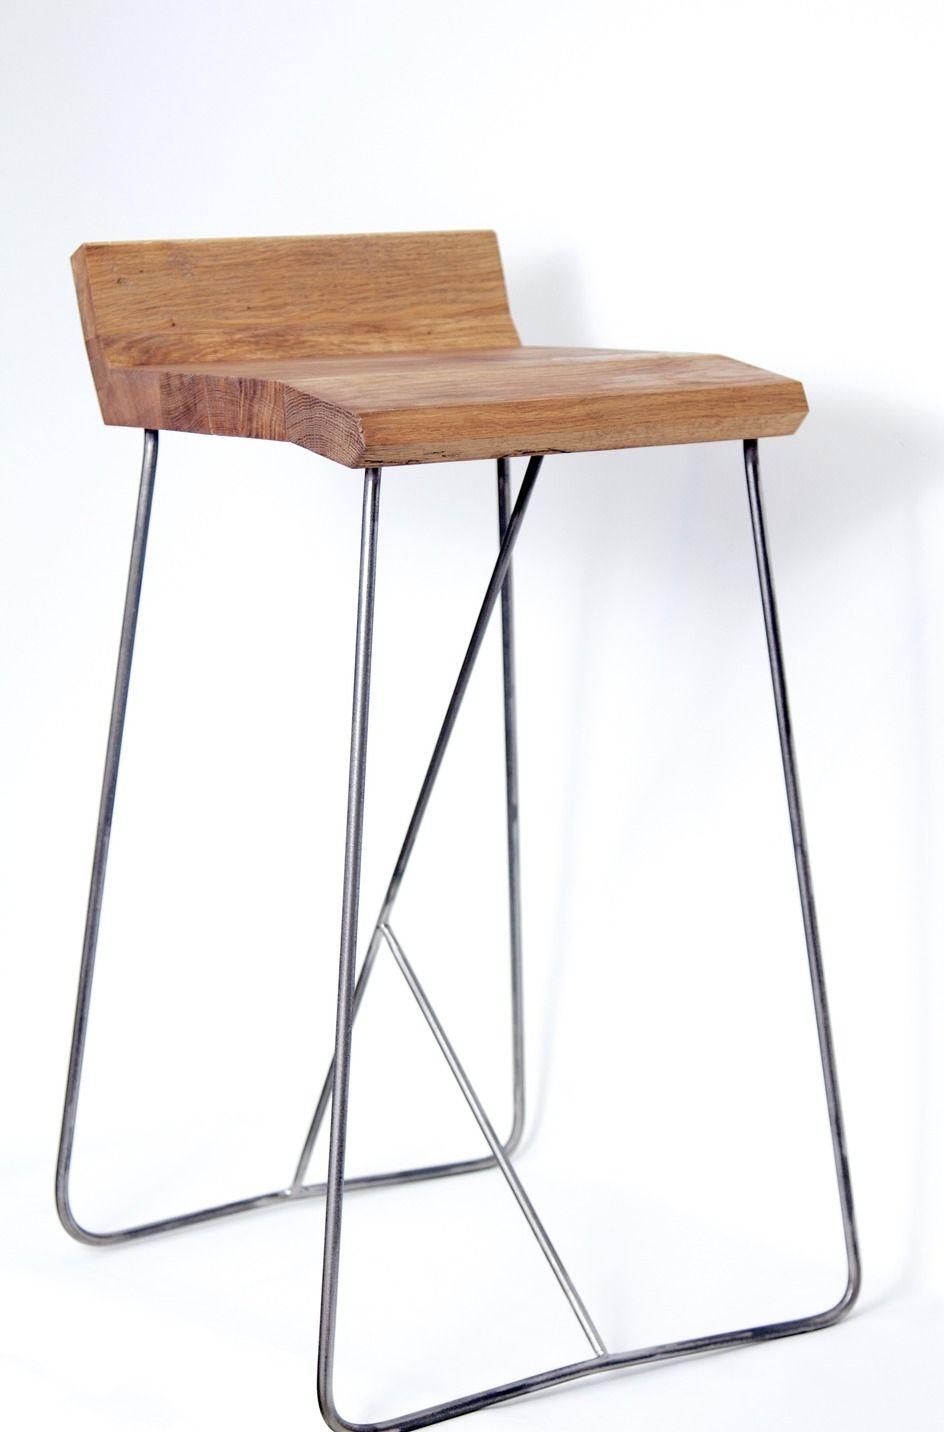 tabouret de bar eckig en m tal et bois meubles et. Black Bedroom Furniture Sets. Home Design Ideas